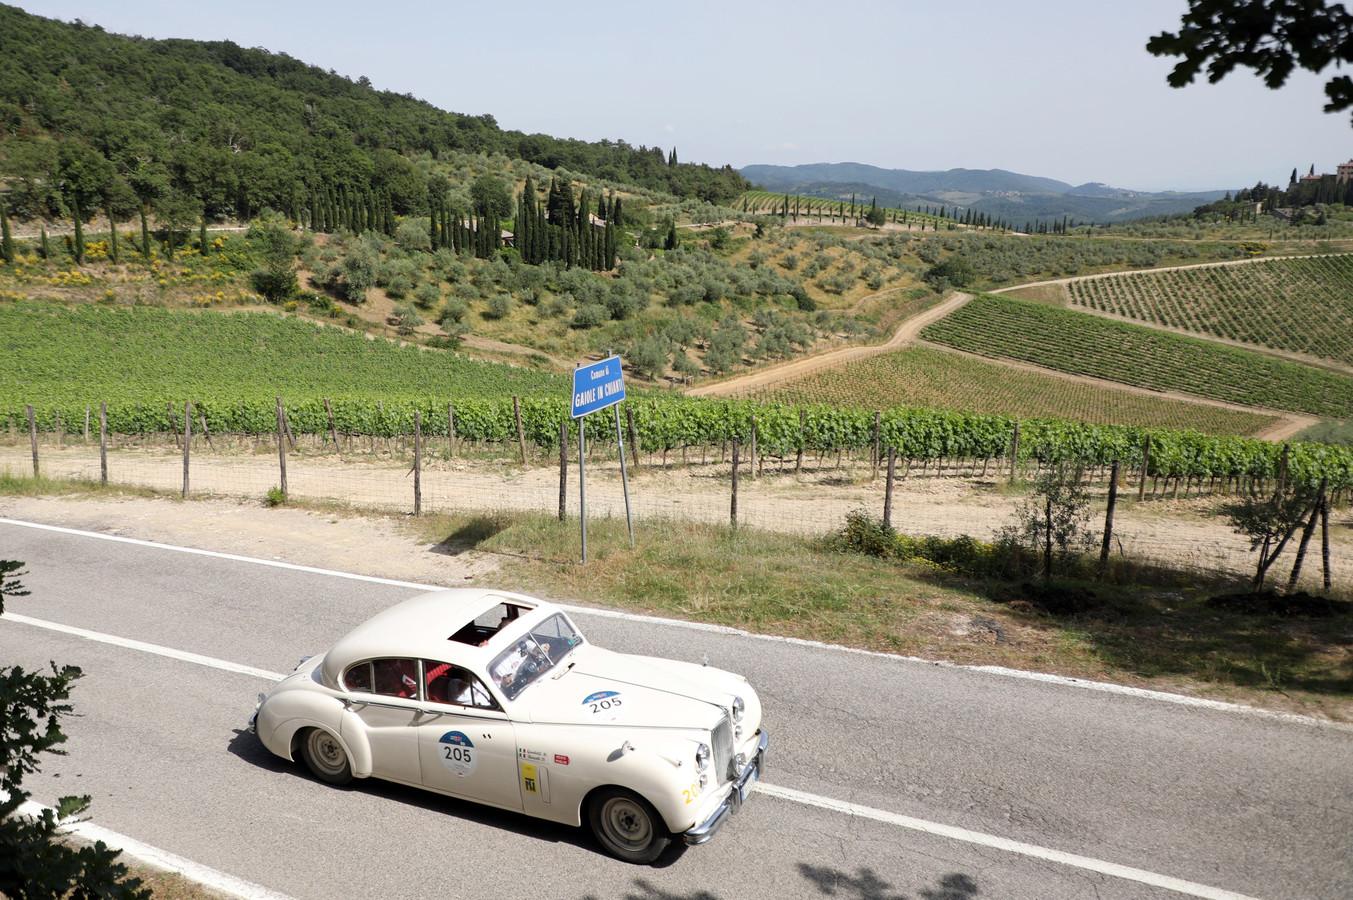 Een Jaguar Mark VII uit 1952 drives doorkruist de Chianti-streek, bekend van de gelijknamige wijn